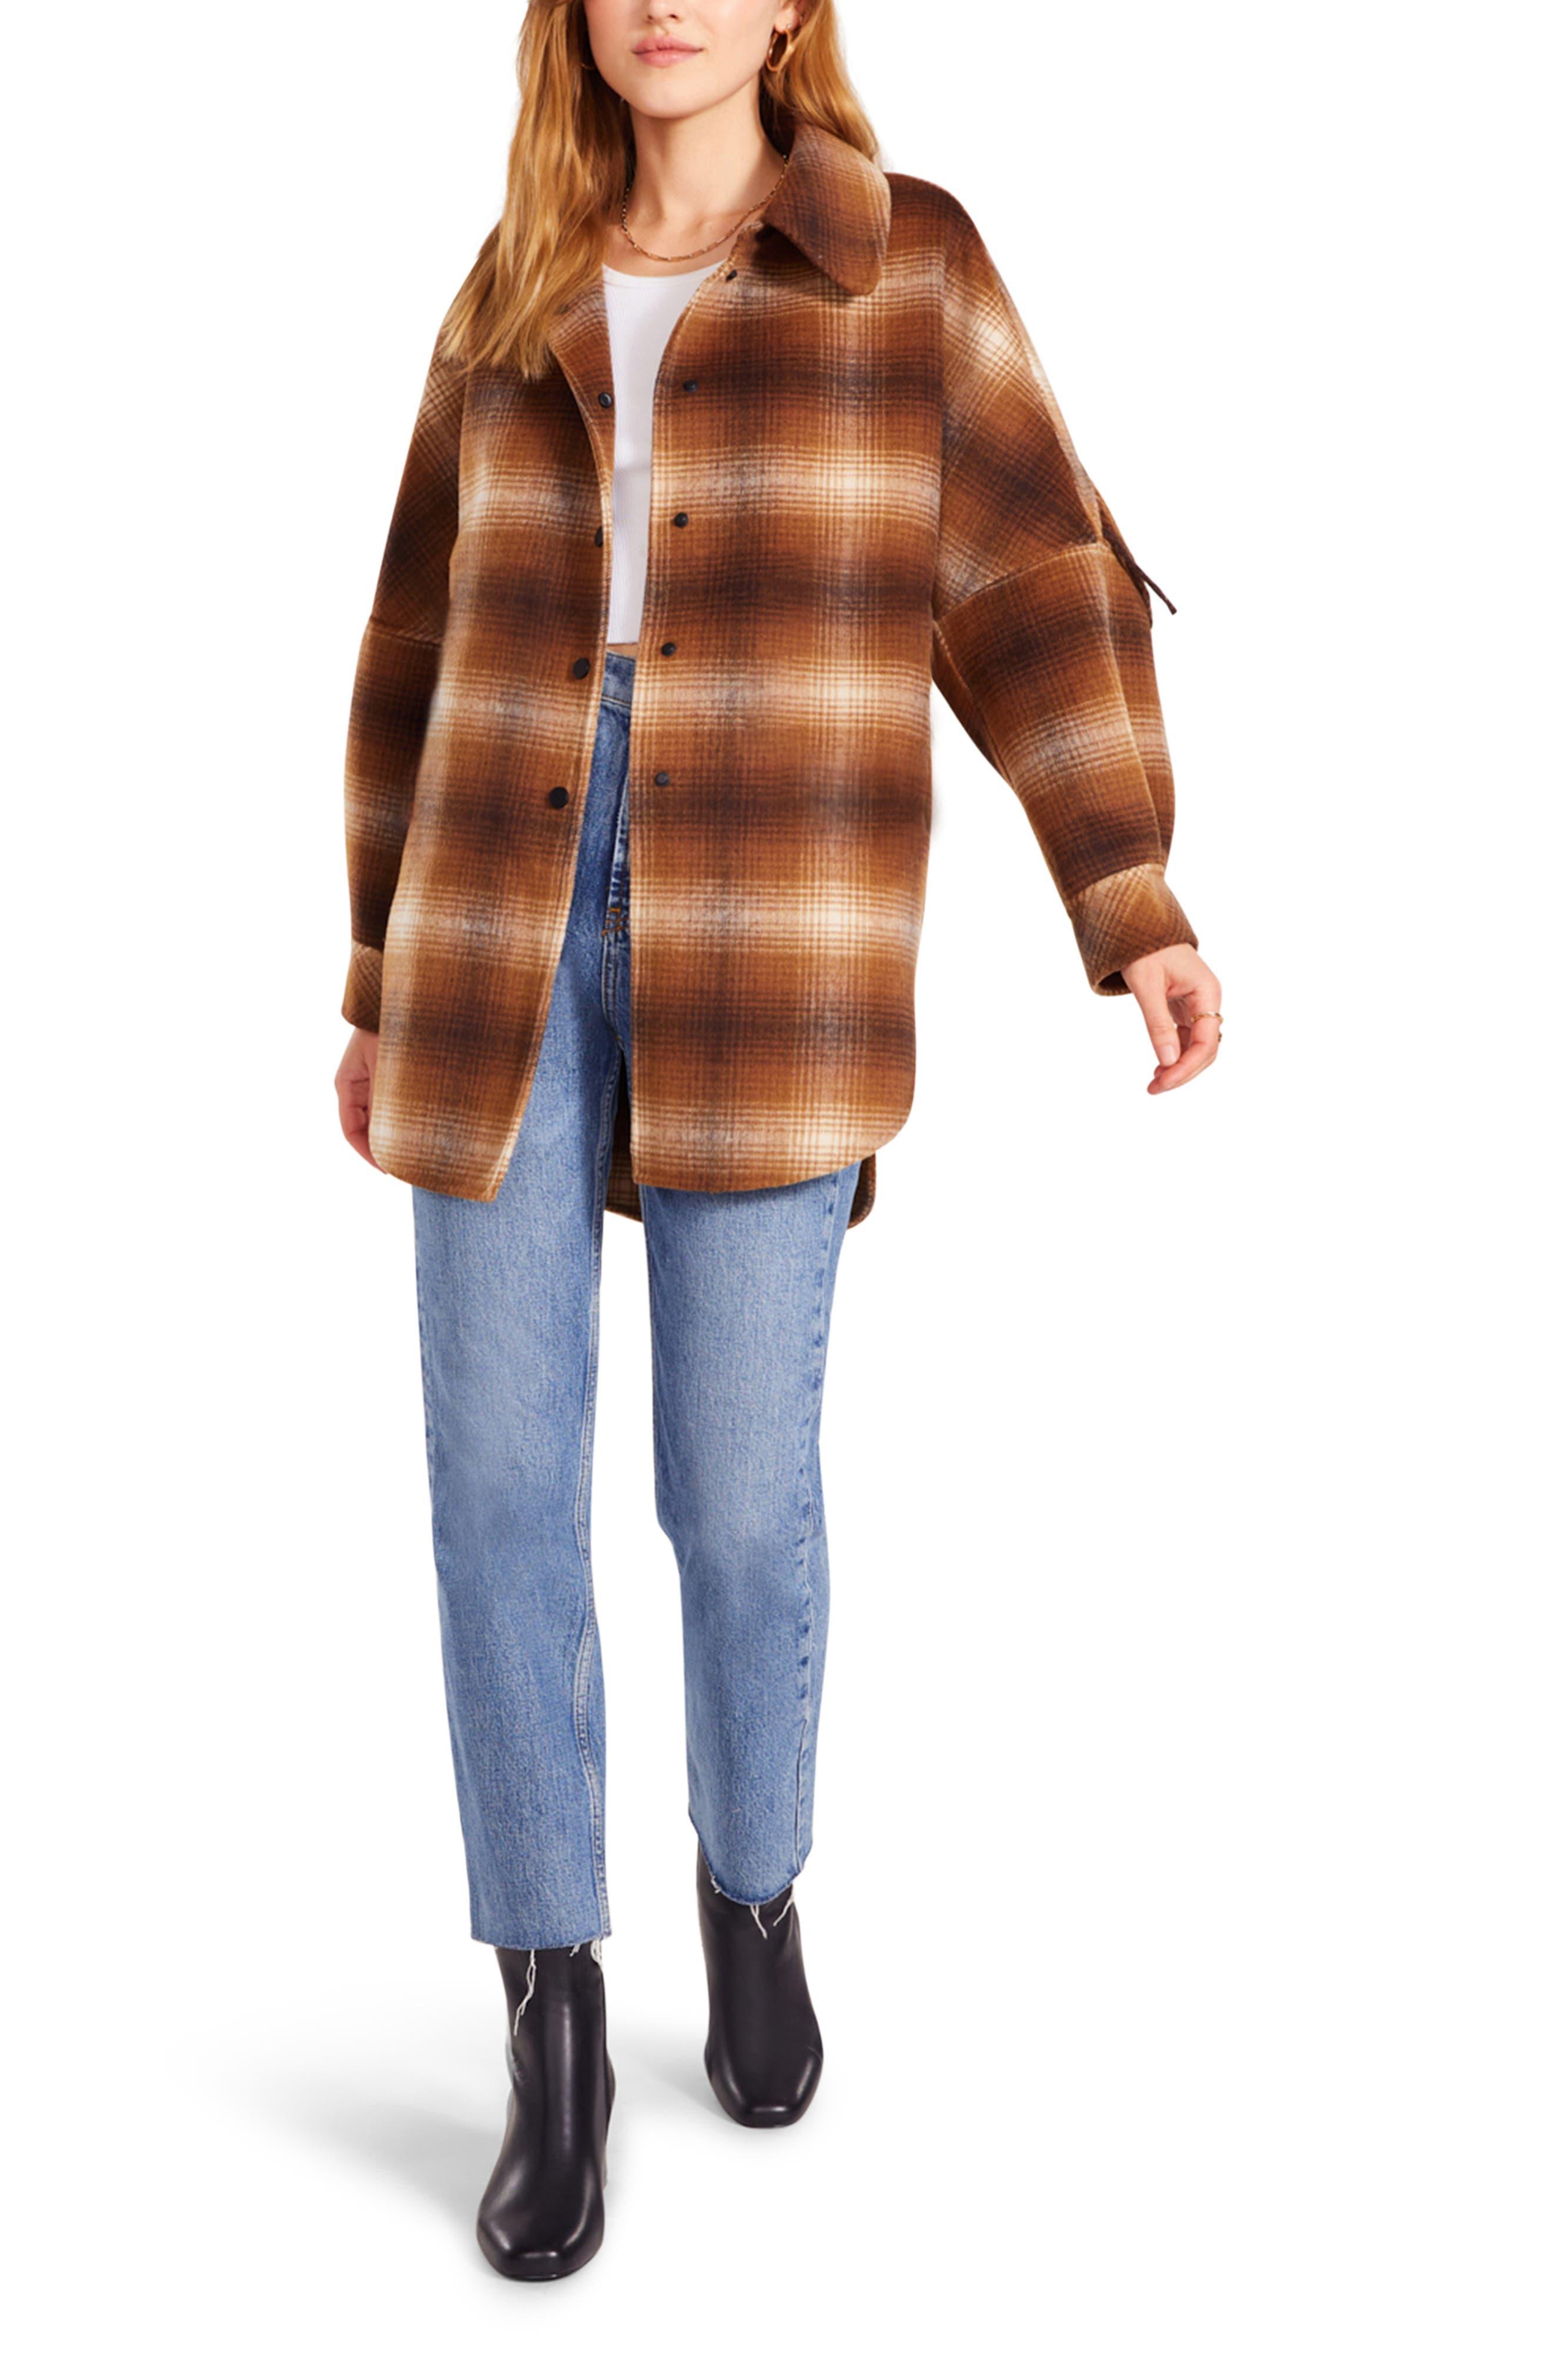 Fringe With Benegits Plaid Jacket